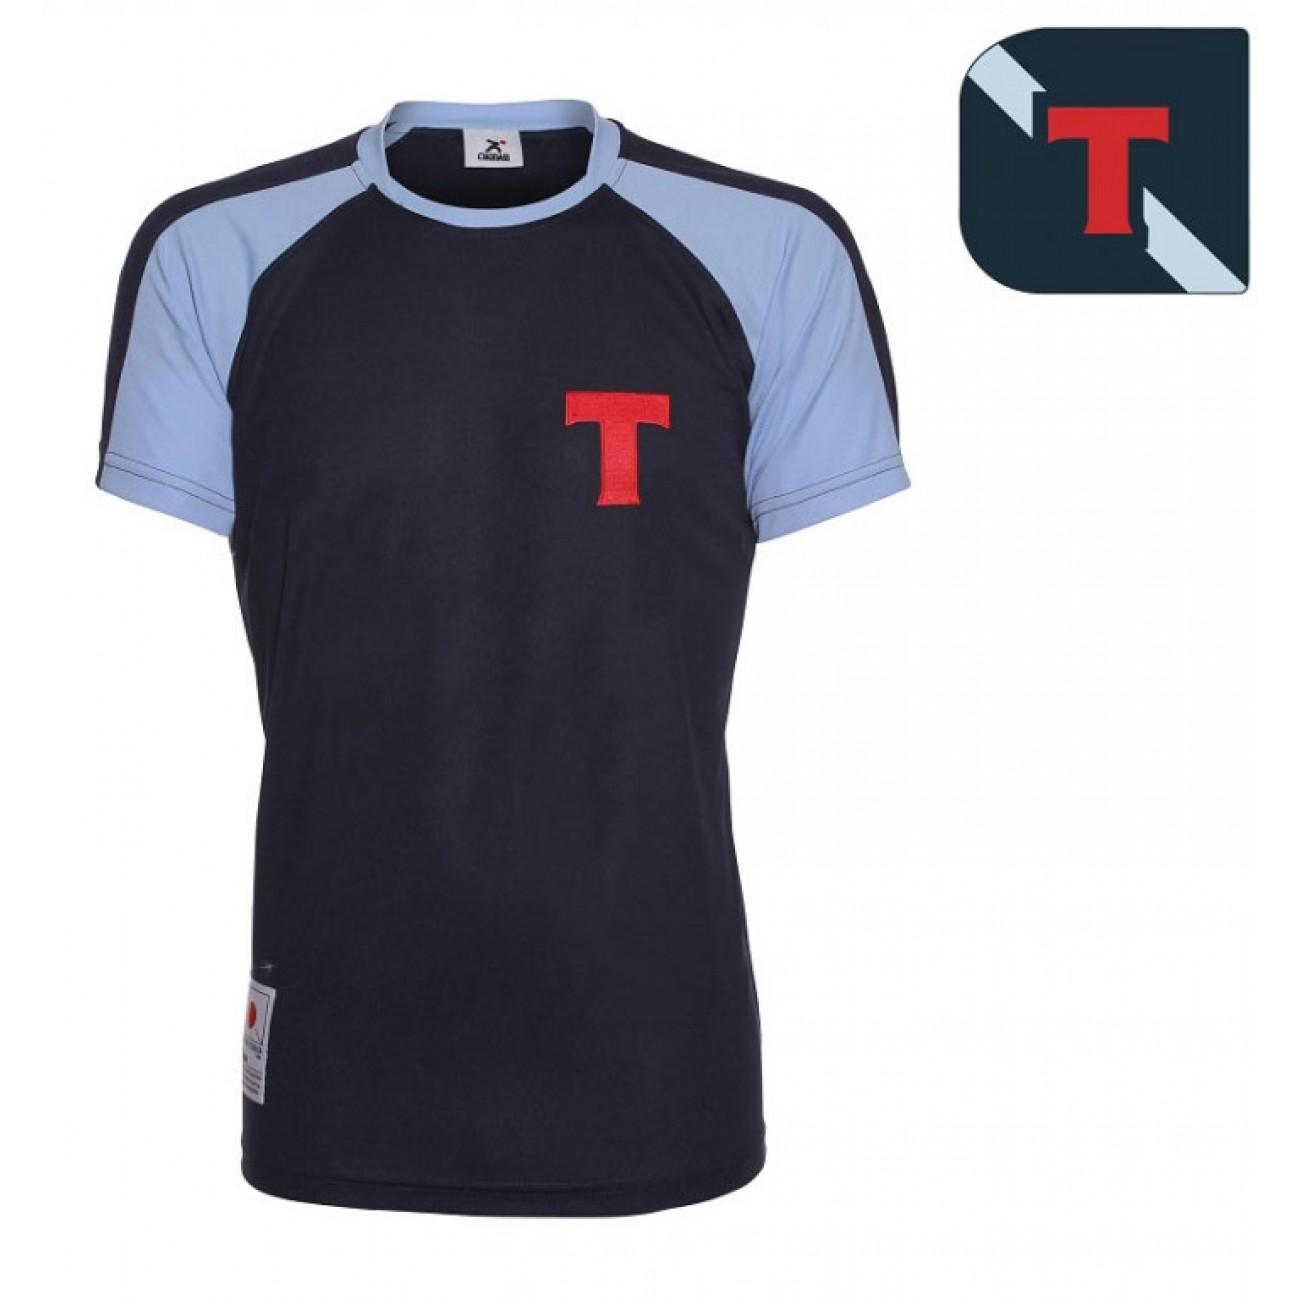 Camiseta Toho Capitan Tsubasa